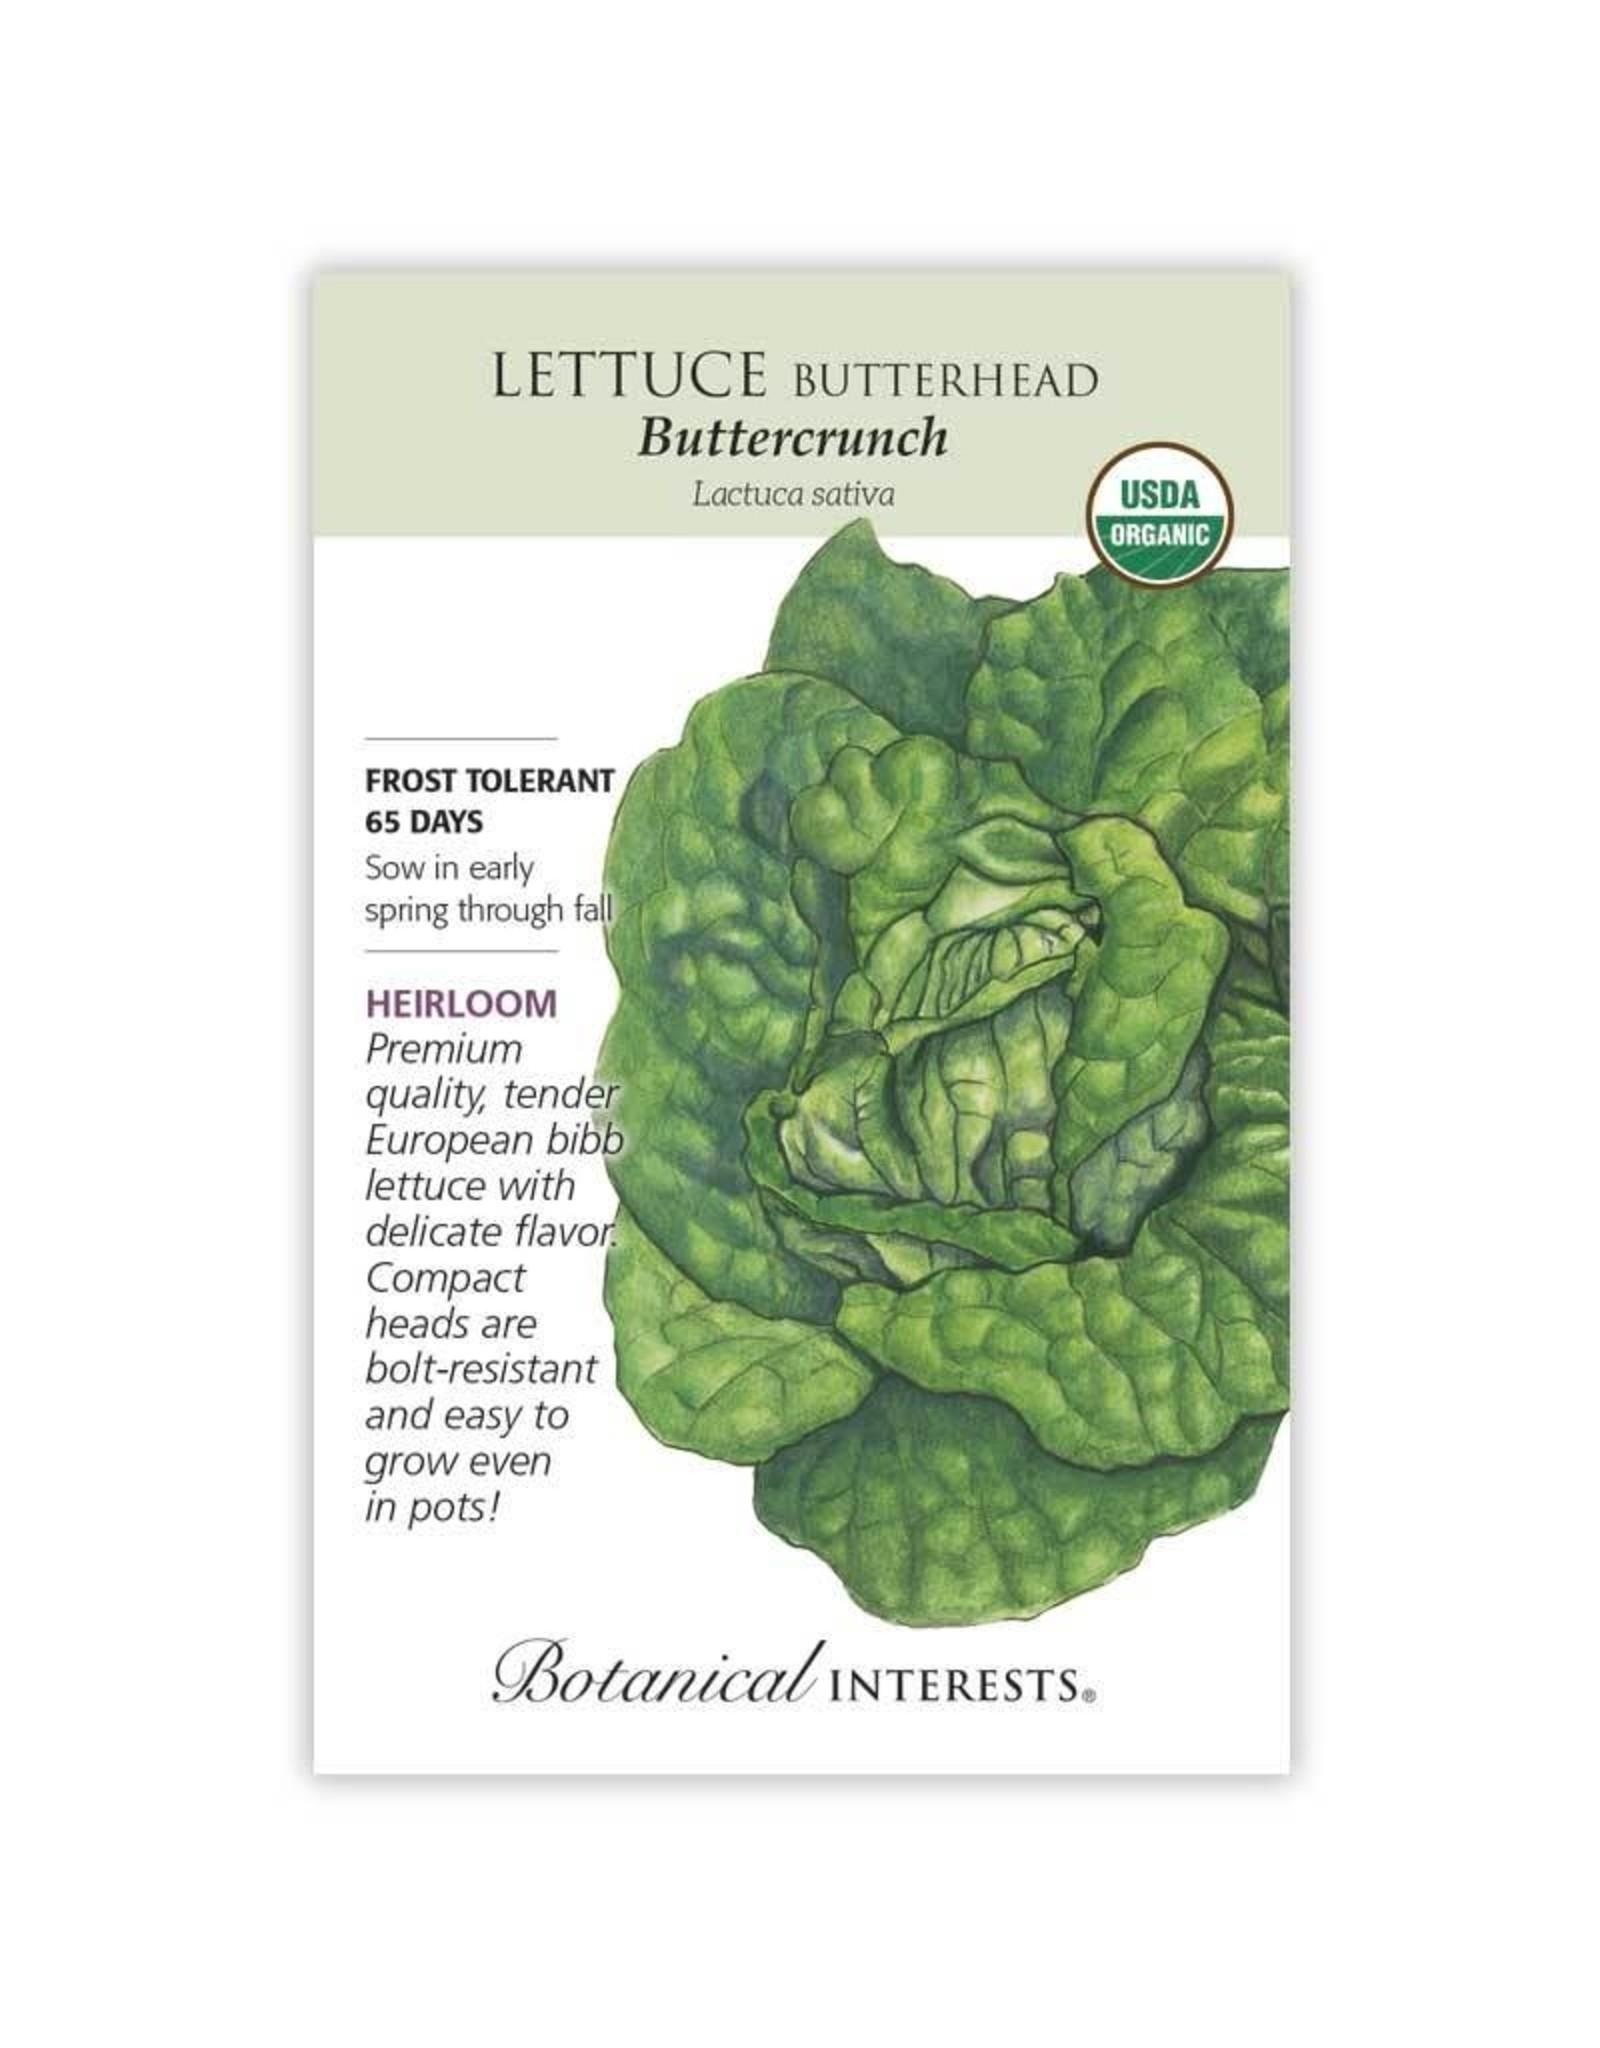 Seeds - Lettuce Butterhead Buttercrunch Organic